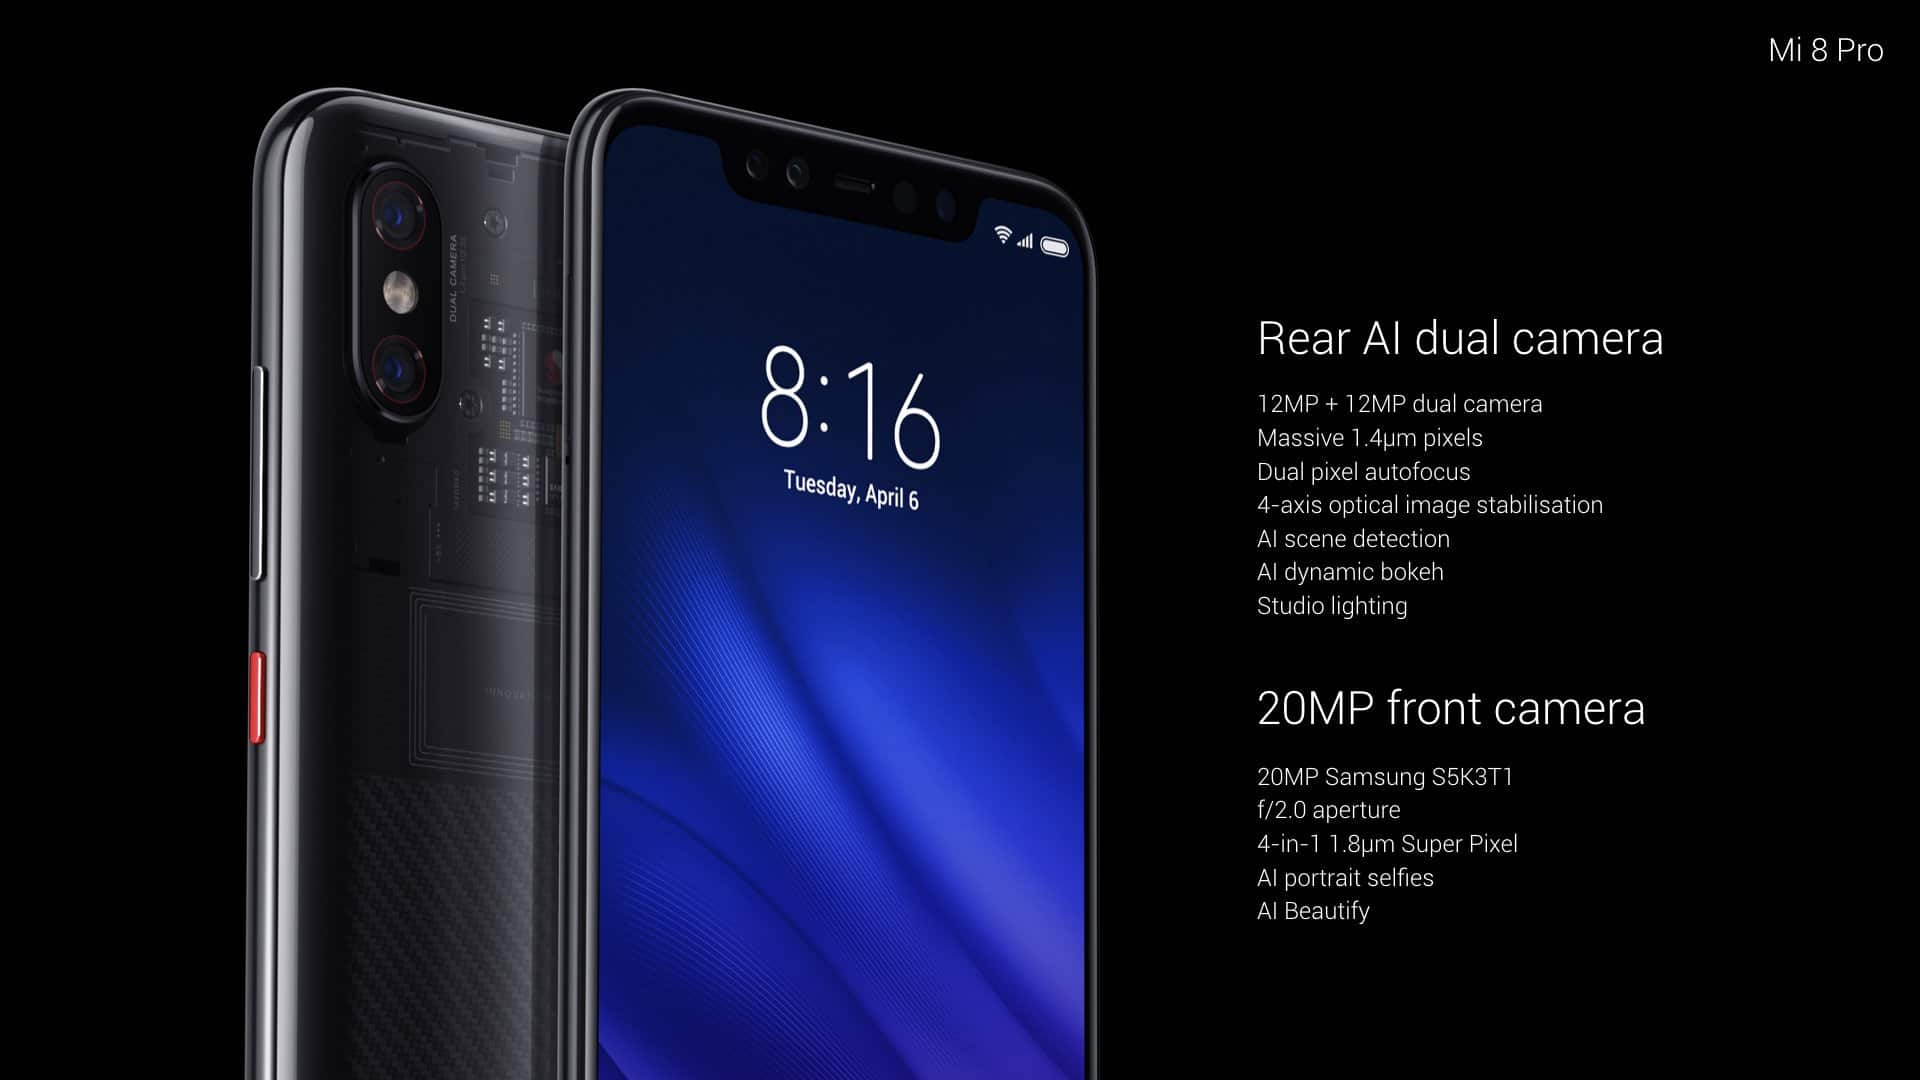 مواصفات هاتف Xiaomi Mi 8 Pro مع المميزات والعيوب والسعر 1